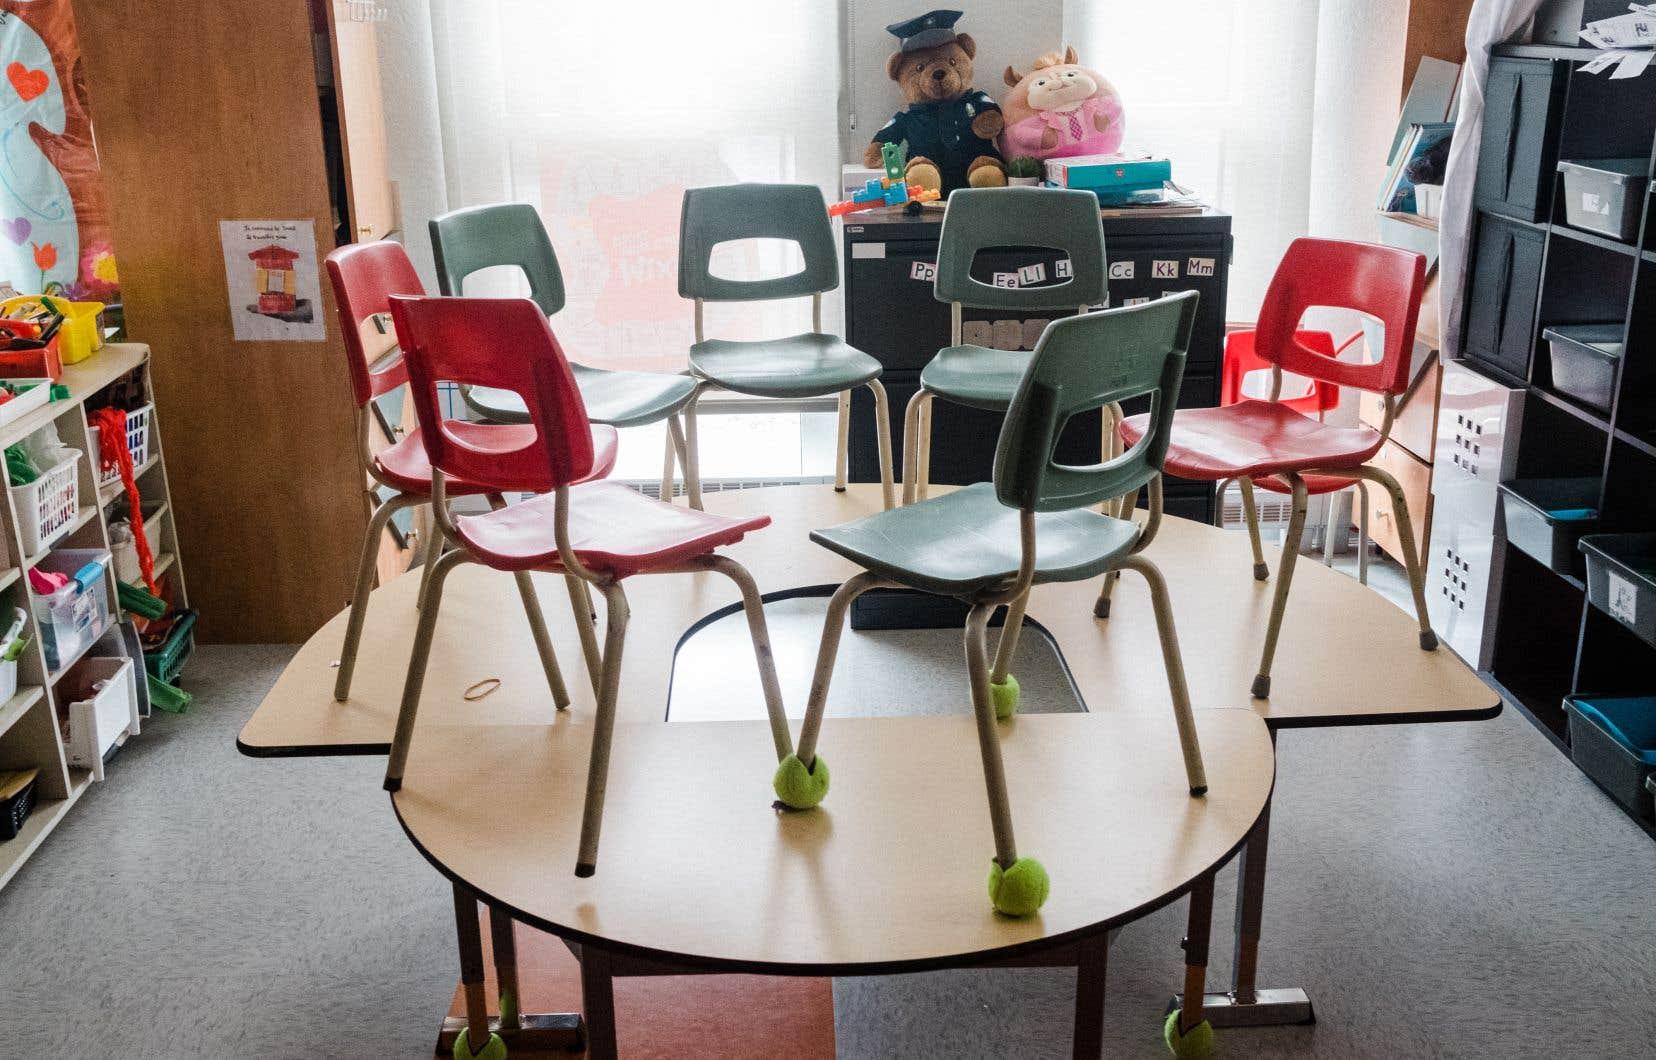 Une période sera dédiée à rattraper le retard en septembre prochain, a précisé jeudi François Legault, tout en promettant de bonifier le matériel scolaire transmis aux parents d'ici là pour que les enfants puissent continuer leurs apprentissages à la maison.